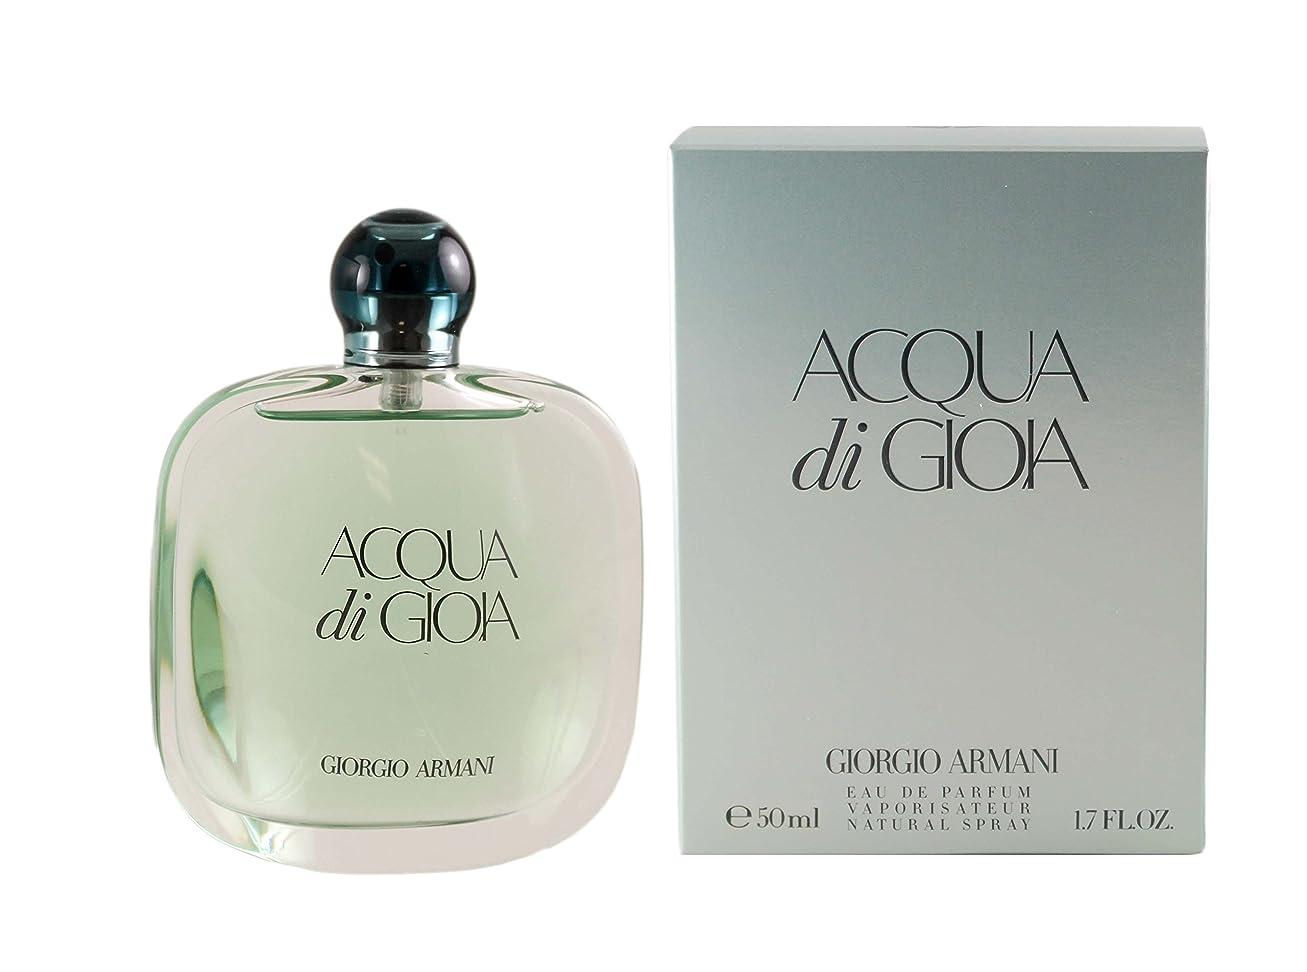 シャンパンブレーキカセットジョルジオアルマーニ アクアディジョイア オードパルファム EDP 50mL 香水